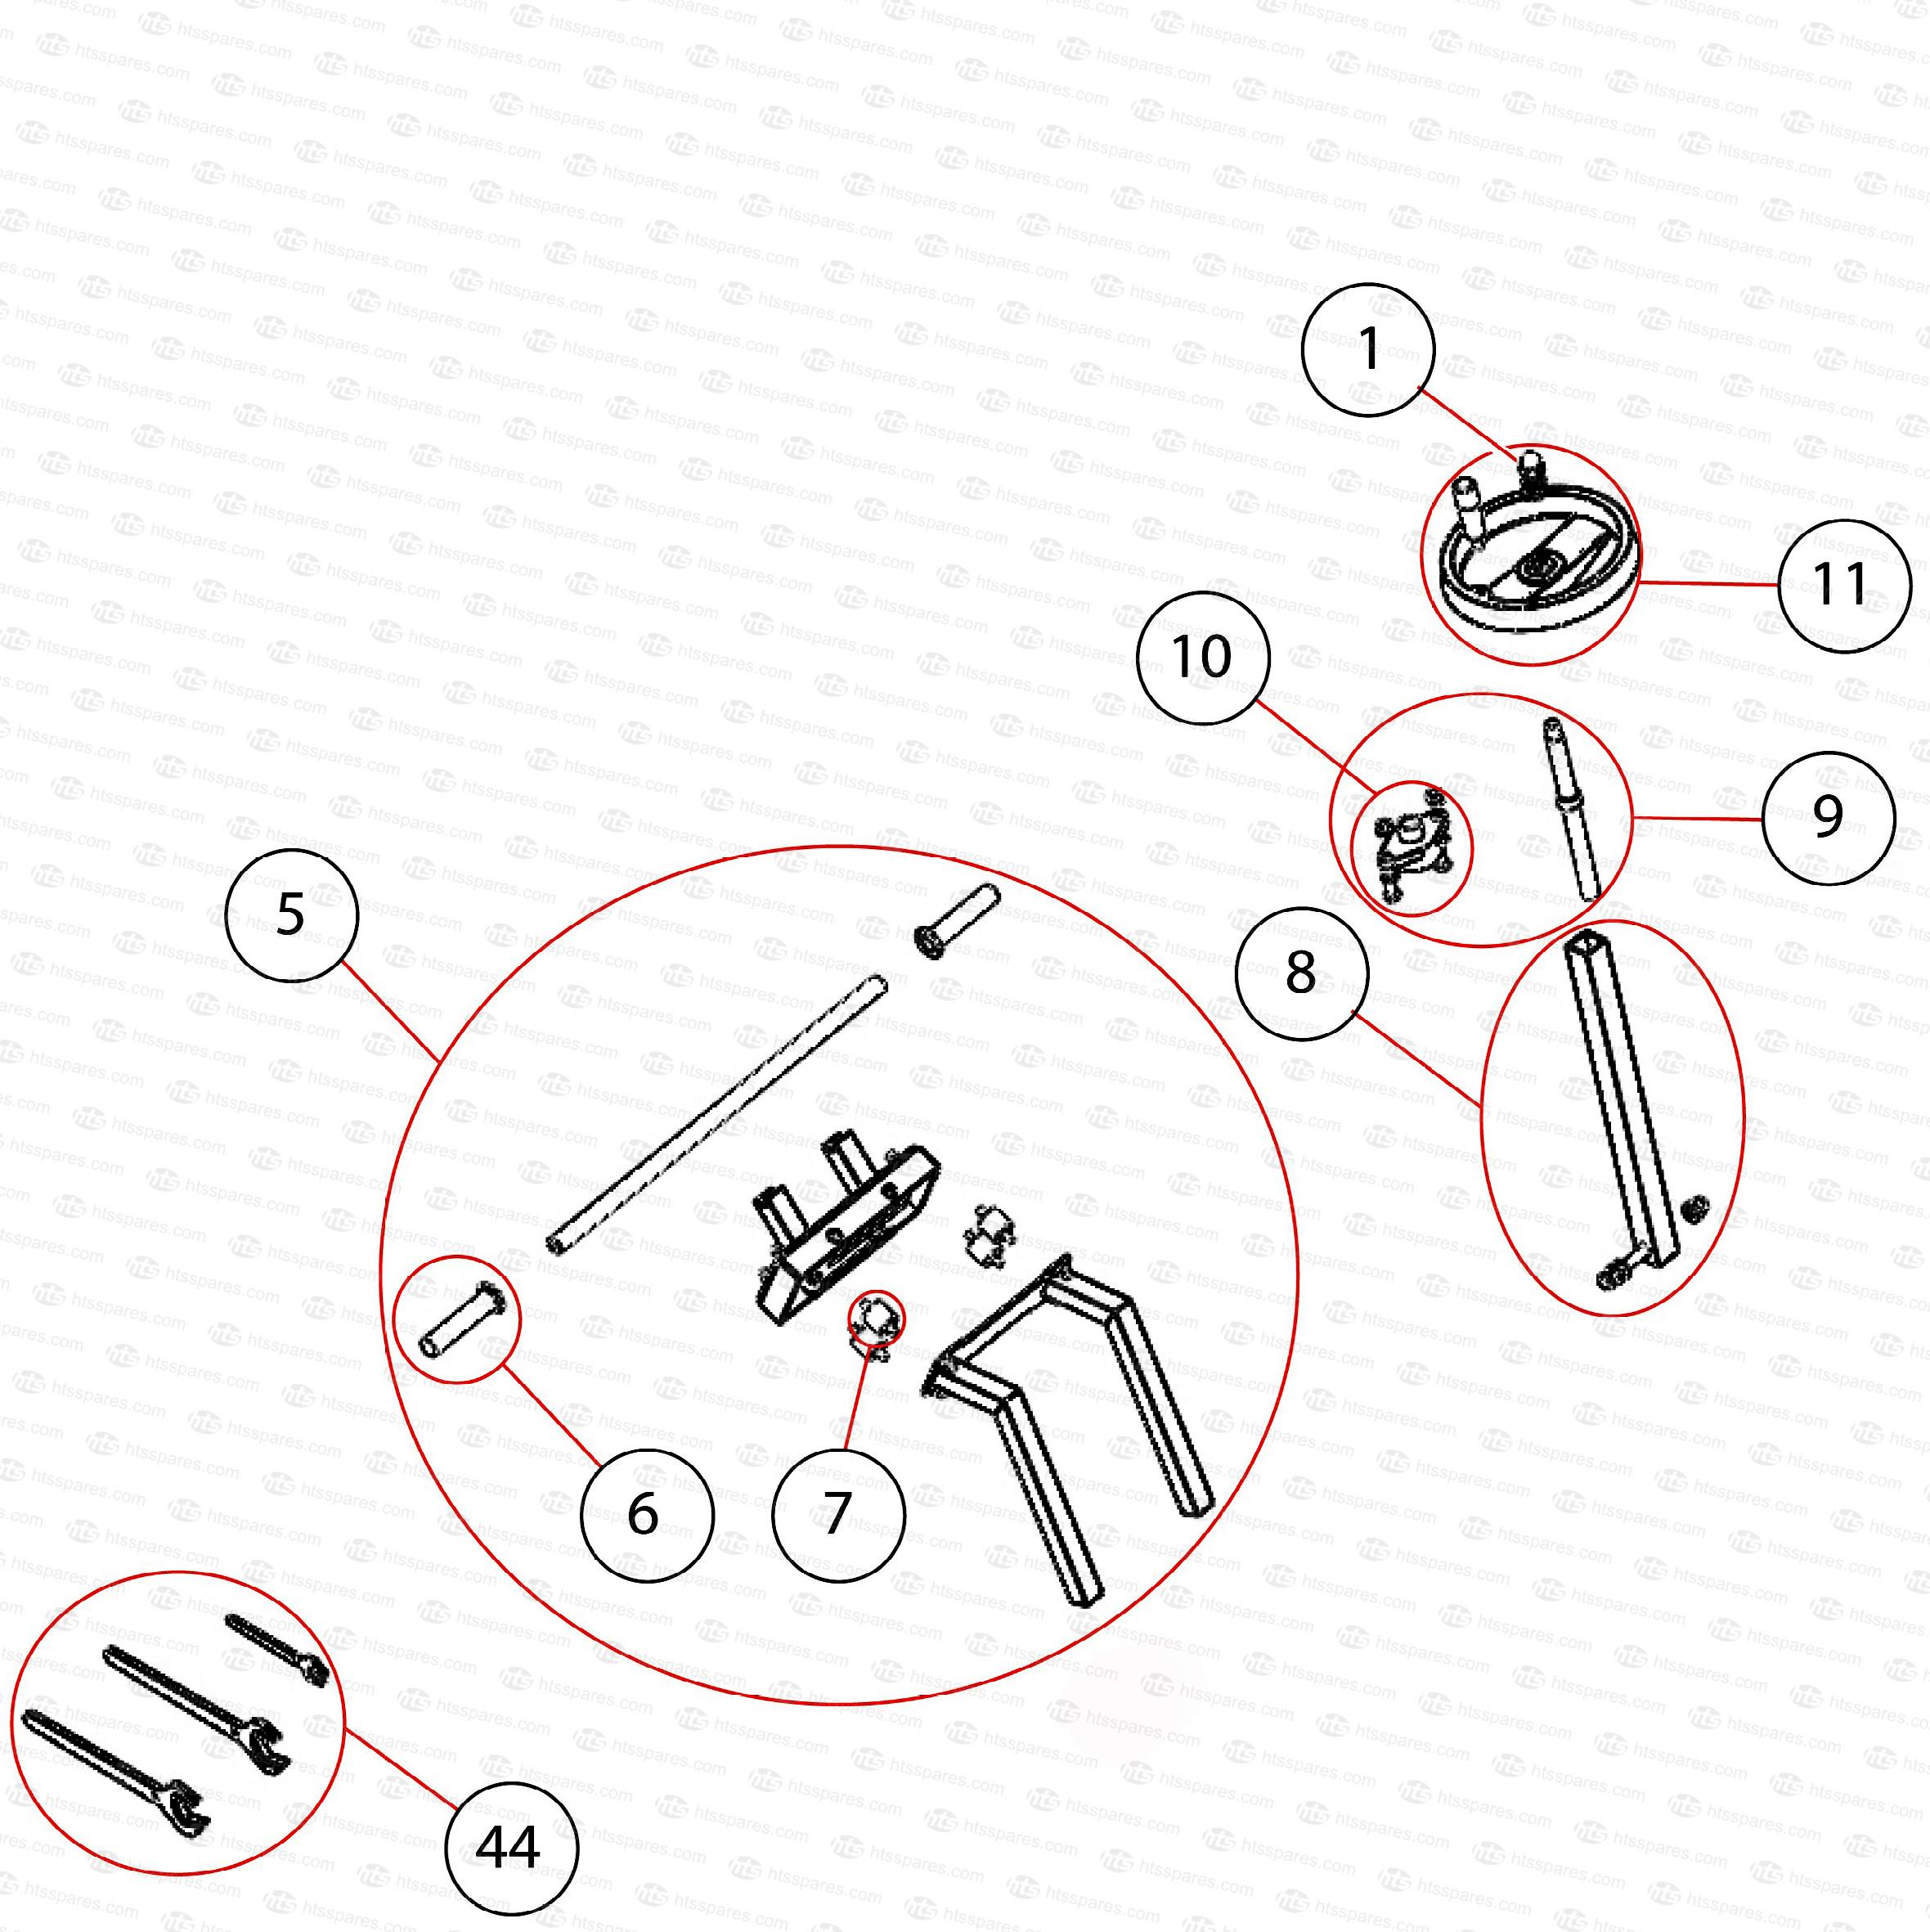 Norton Wiring Diagram Detailed Schematic Diagrams Van Dorn Clipper Portal U2022 Jackson